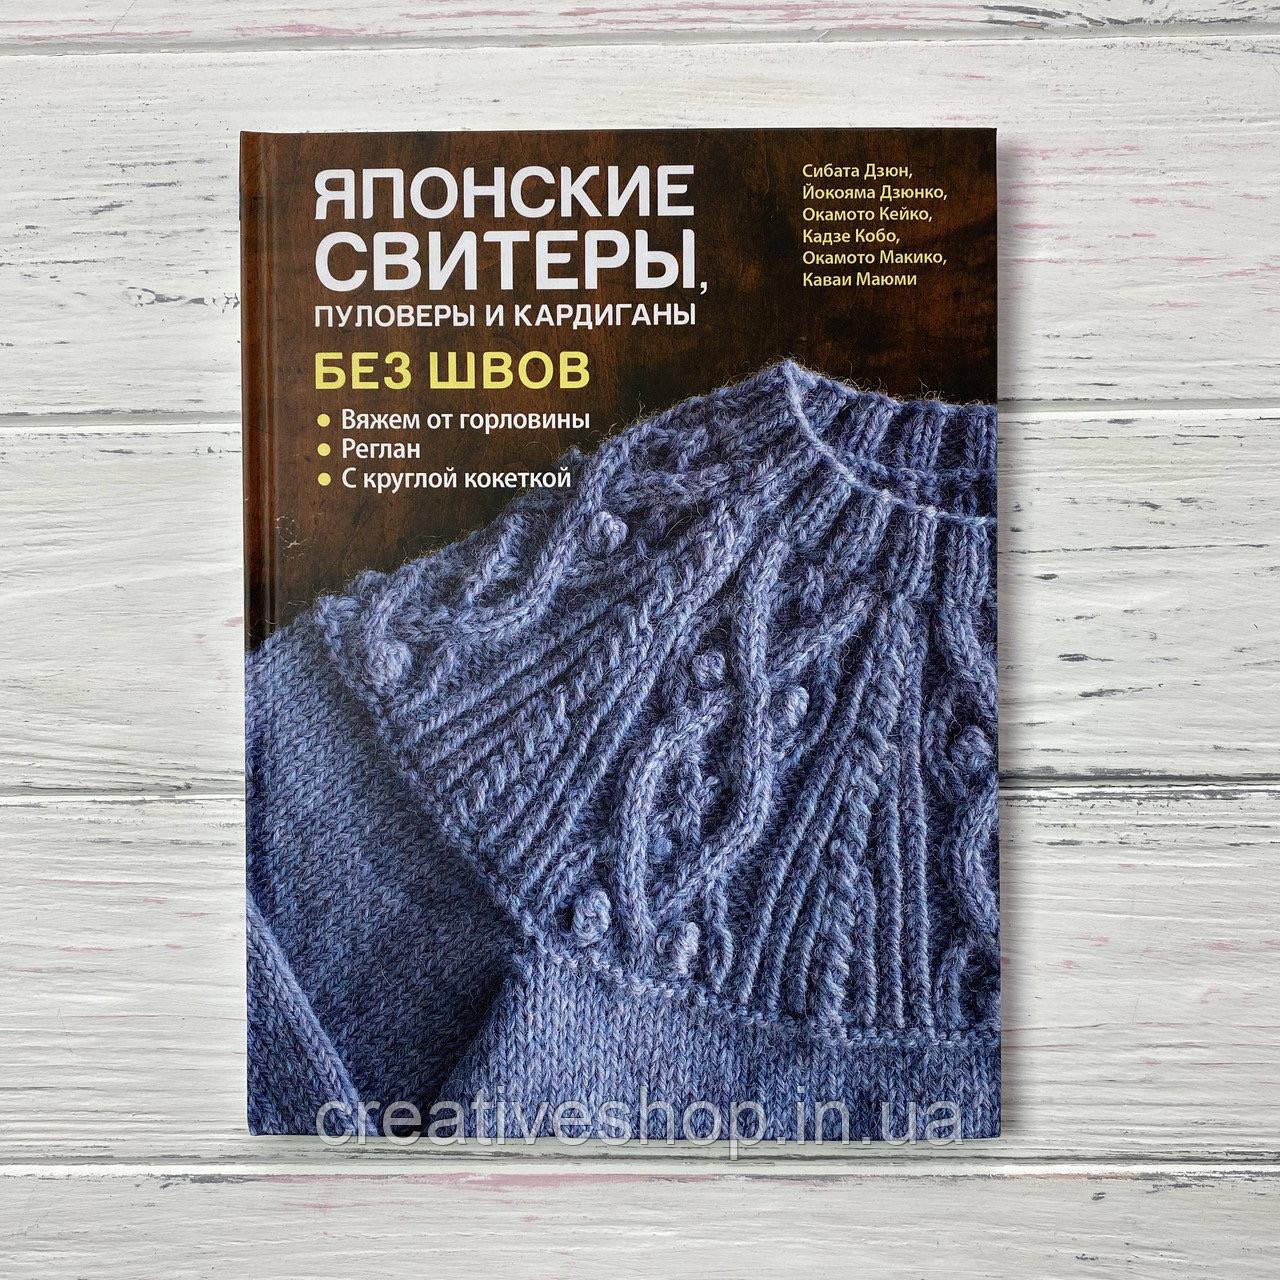 """Книга по вязанию """"Японские свитеры, пуловеры и кардиганы без швов"""""""